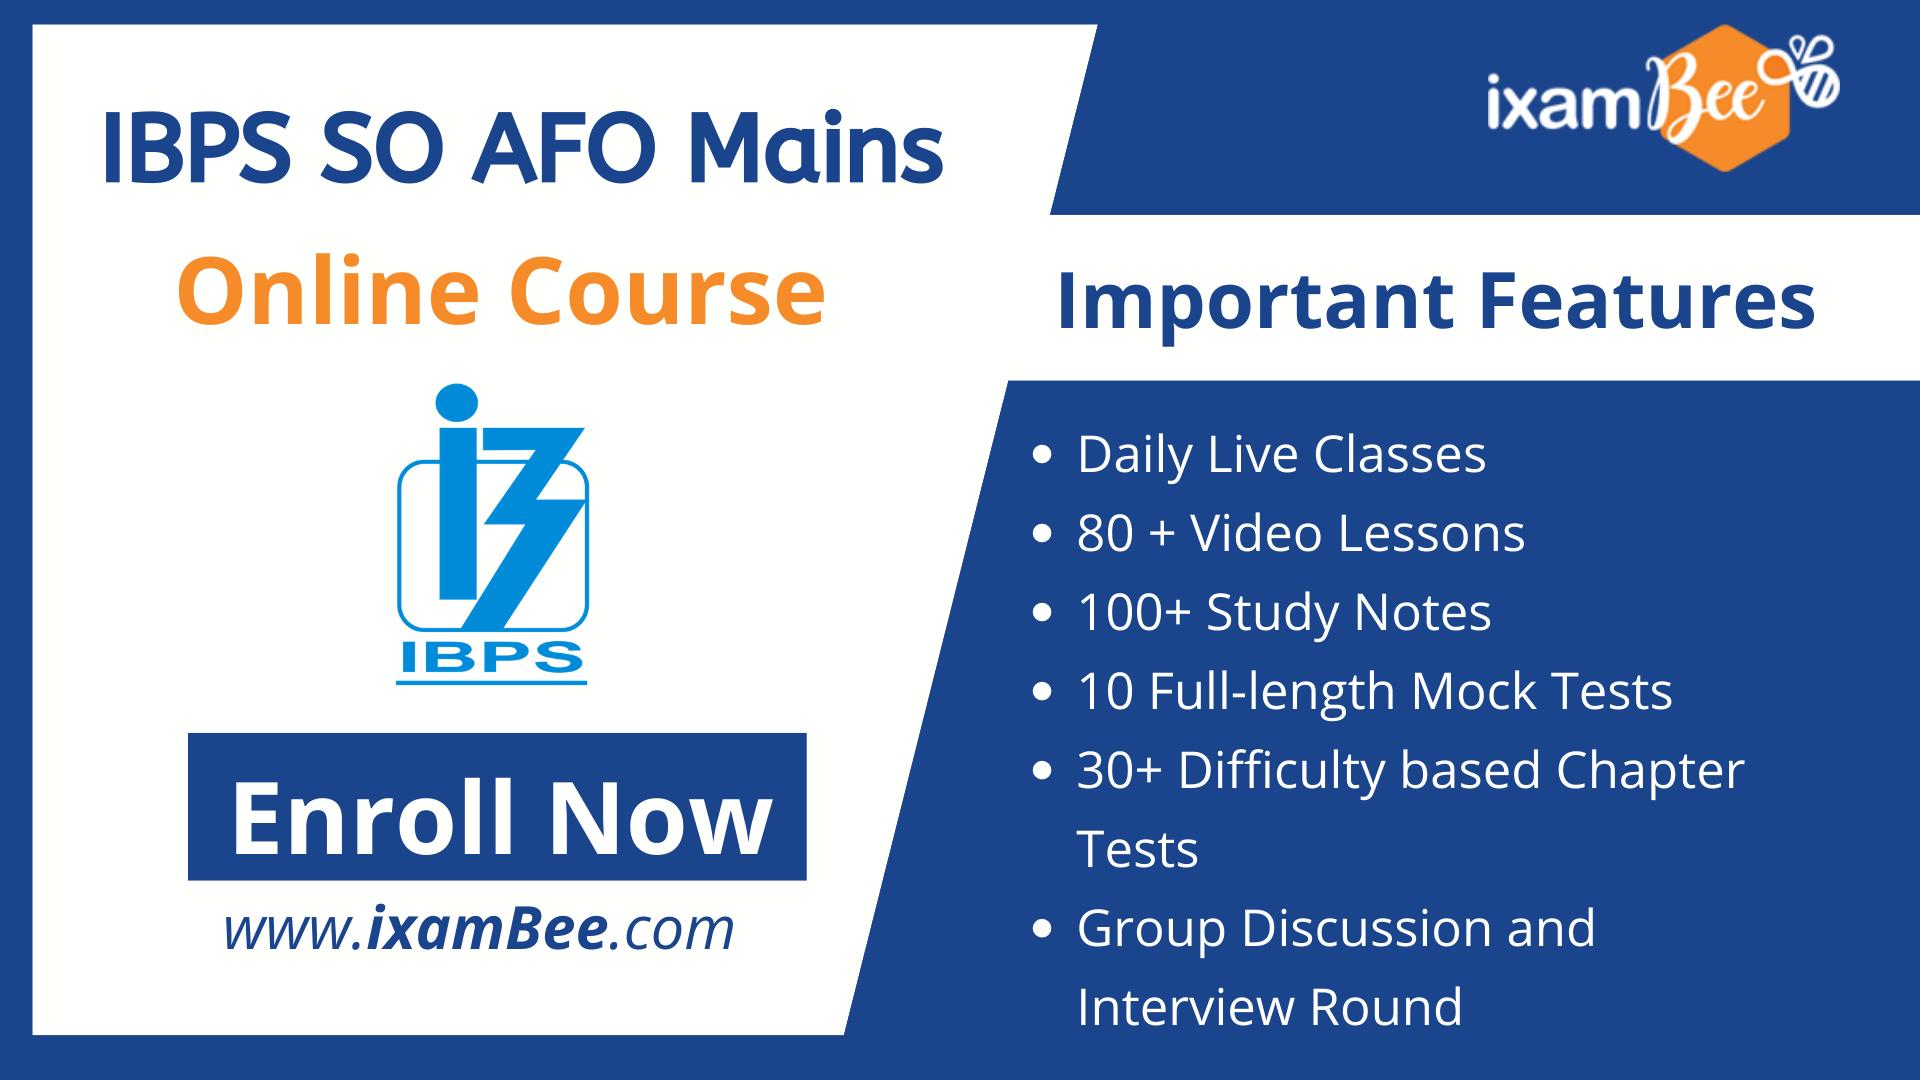 IBPS AFO Mains online course